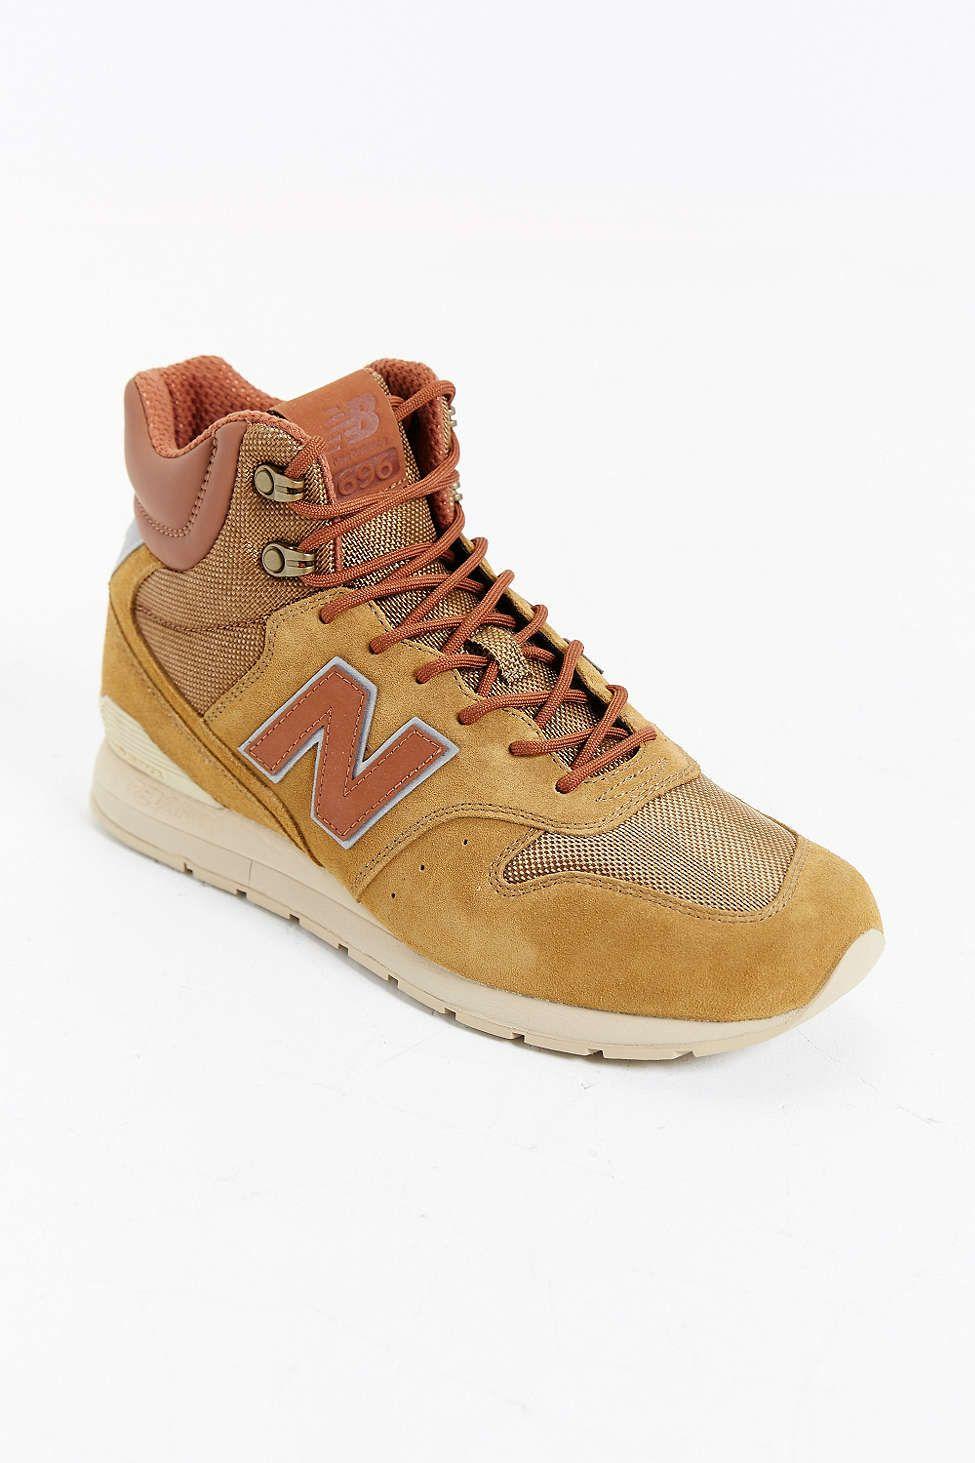 b621249109733f New Balance 696 Outdoor Sneakerboot